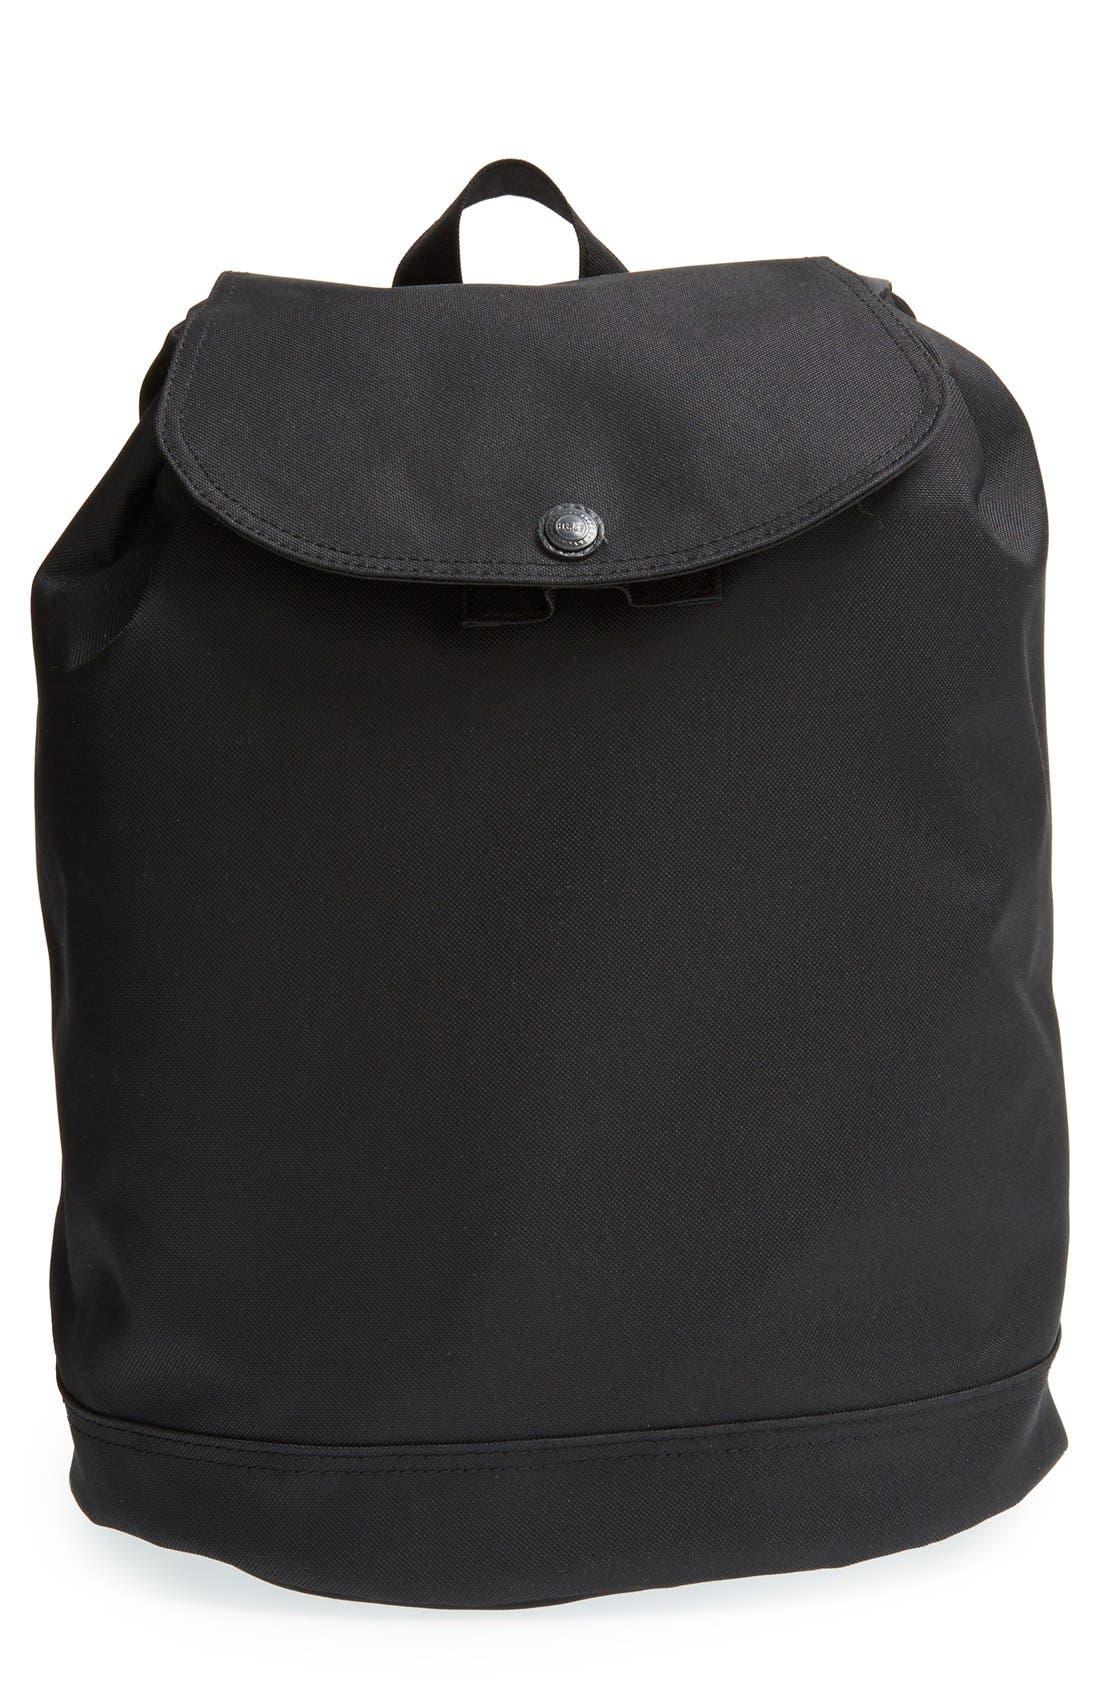 Main Image - Herschel Supply Co 'Reid' Mid Volume Backpack